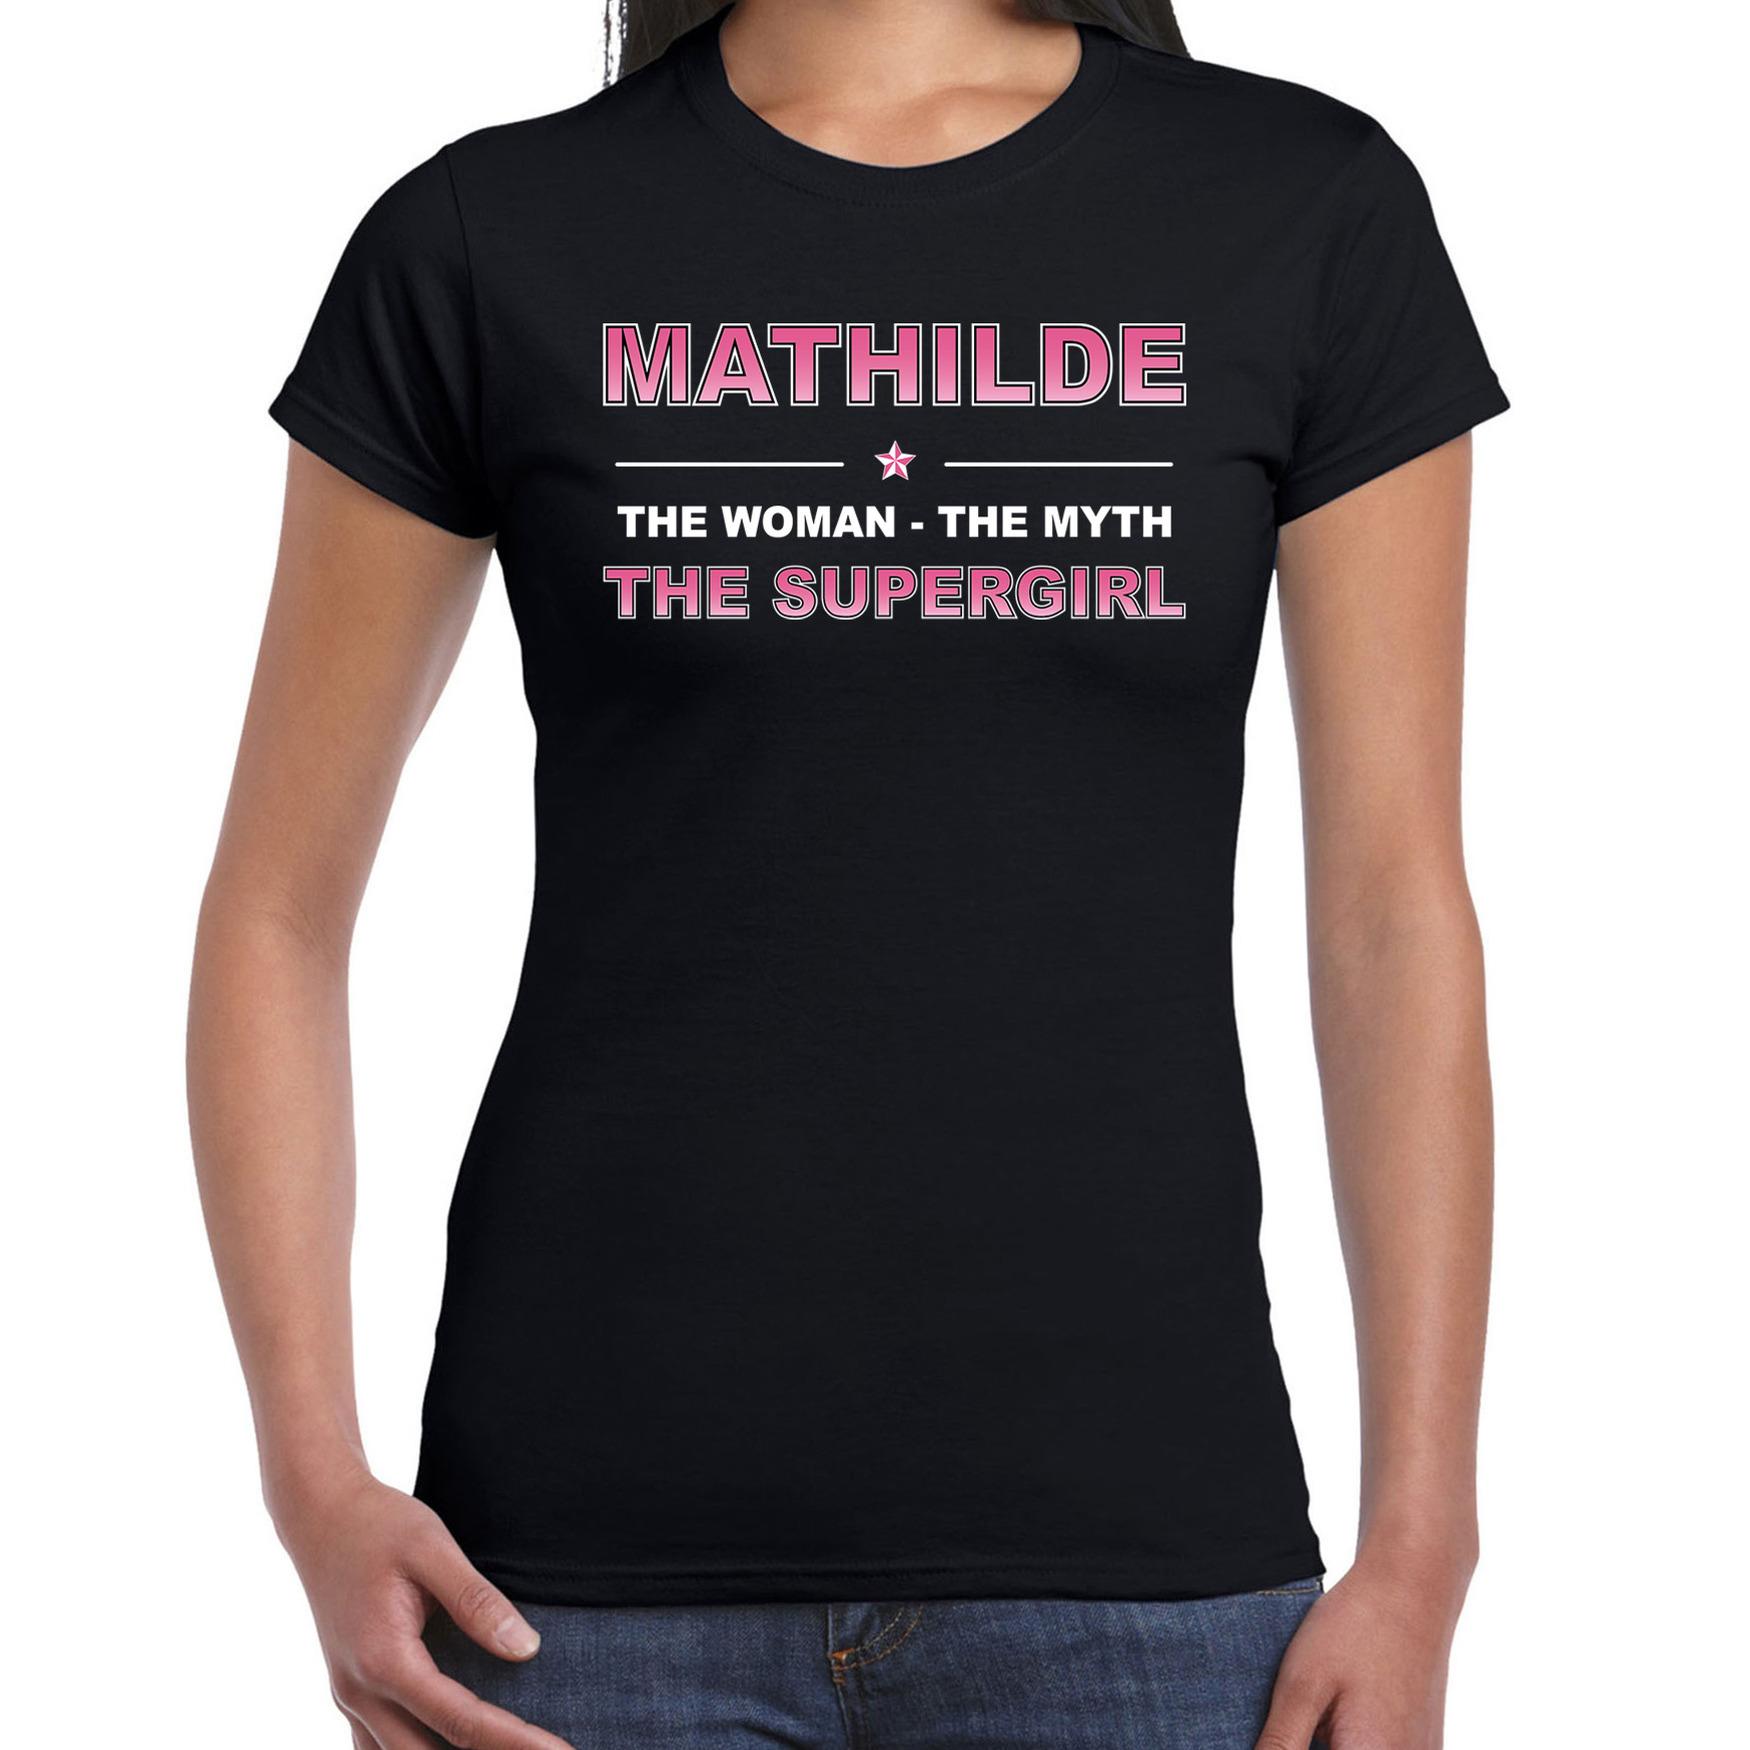 Naam cadeau t-shirt / shirt Mathilde - the supergirl zwart voor dames